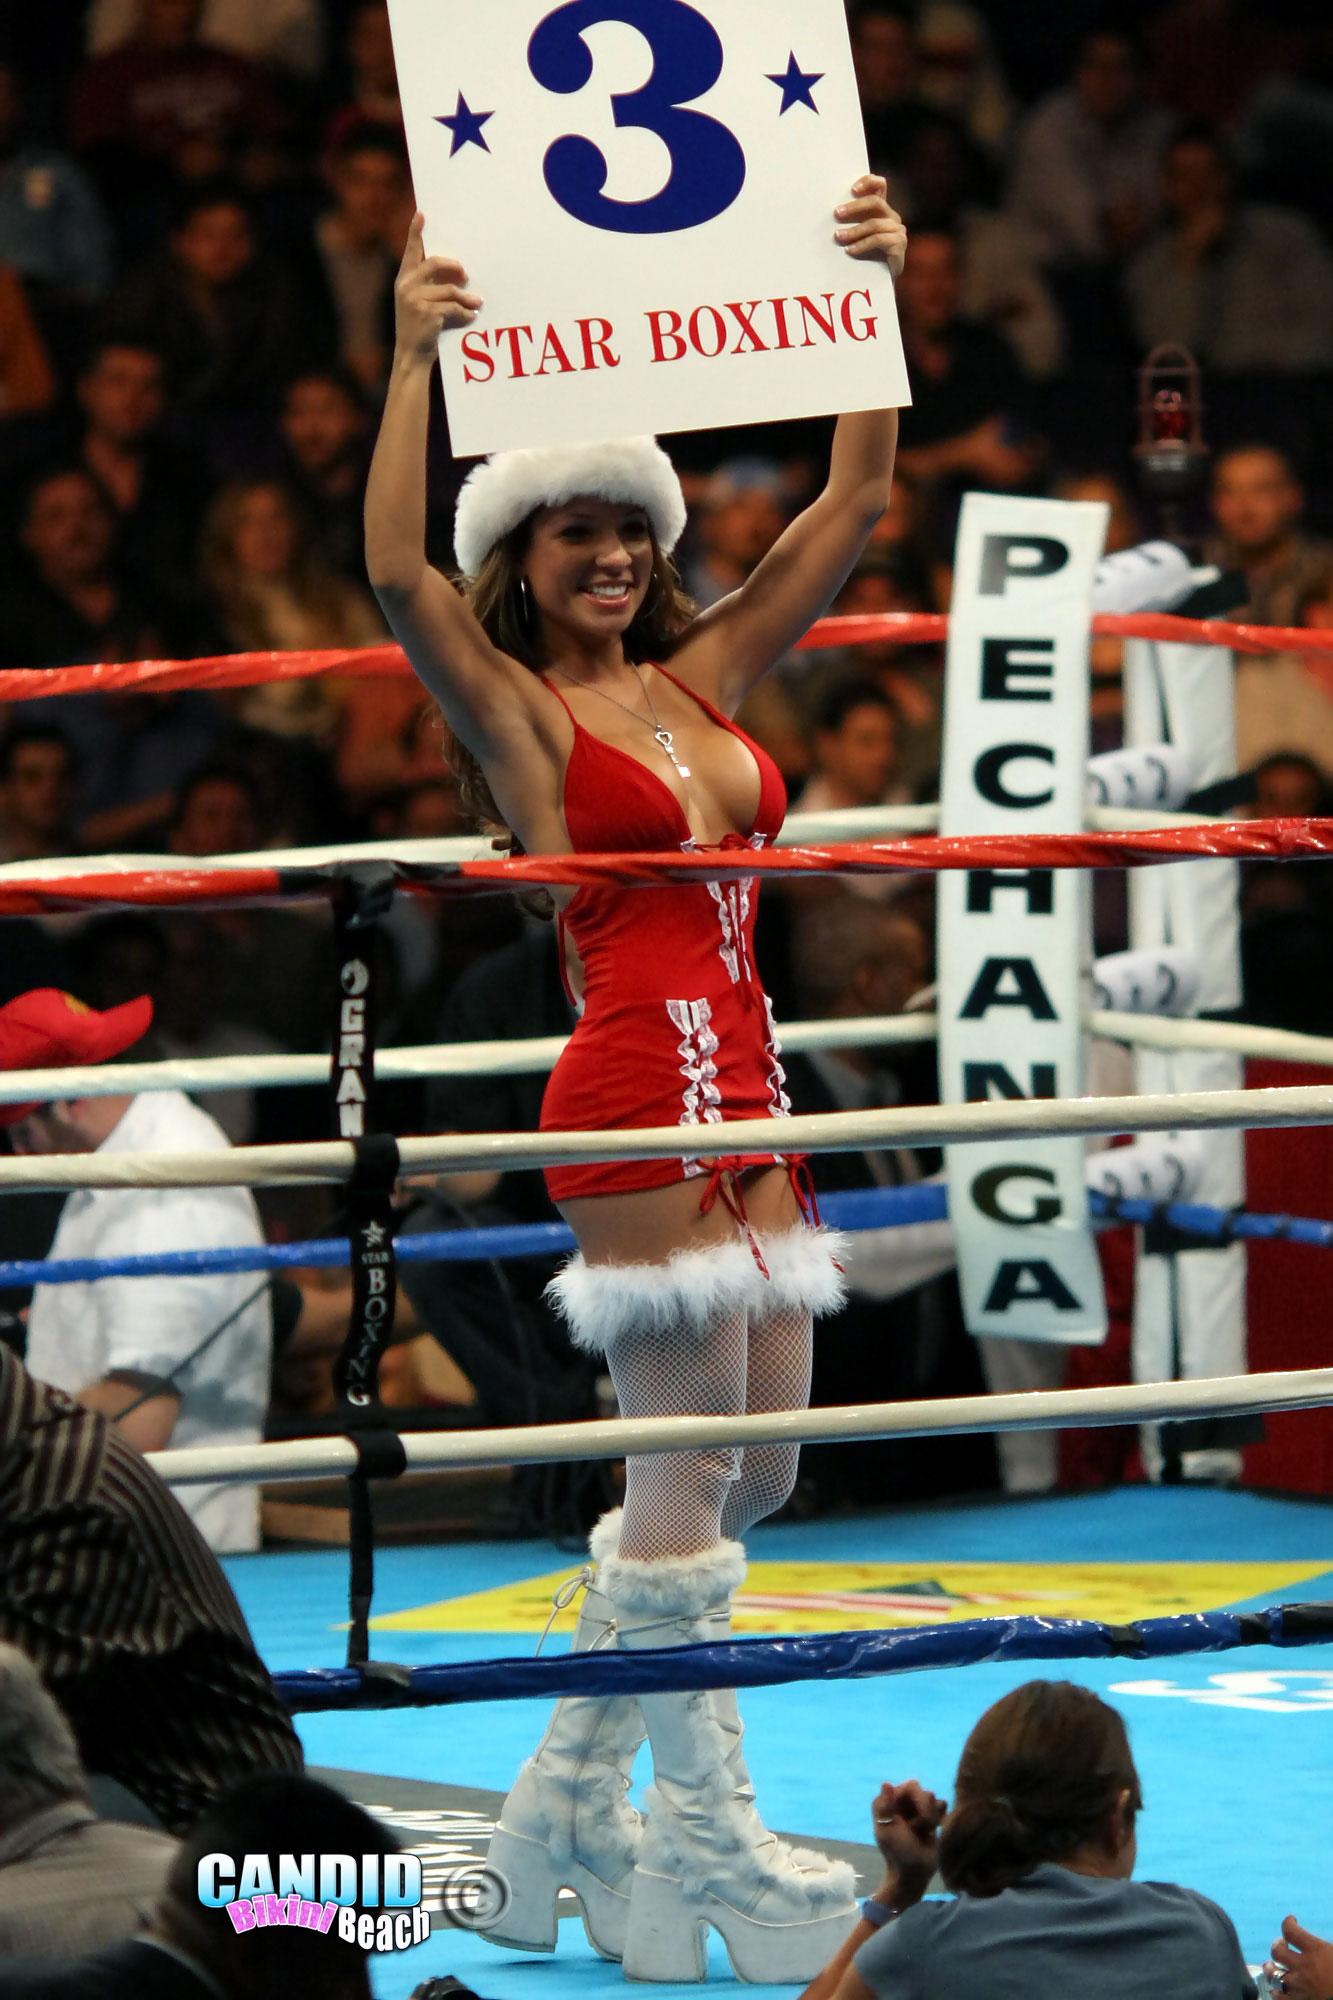 Эро фото девочек с рингов 13 фотография